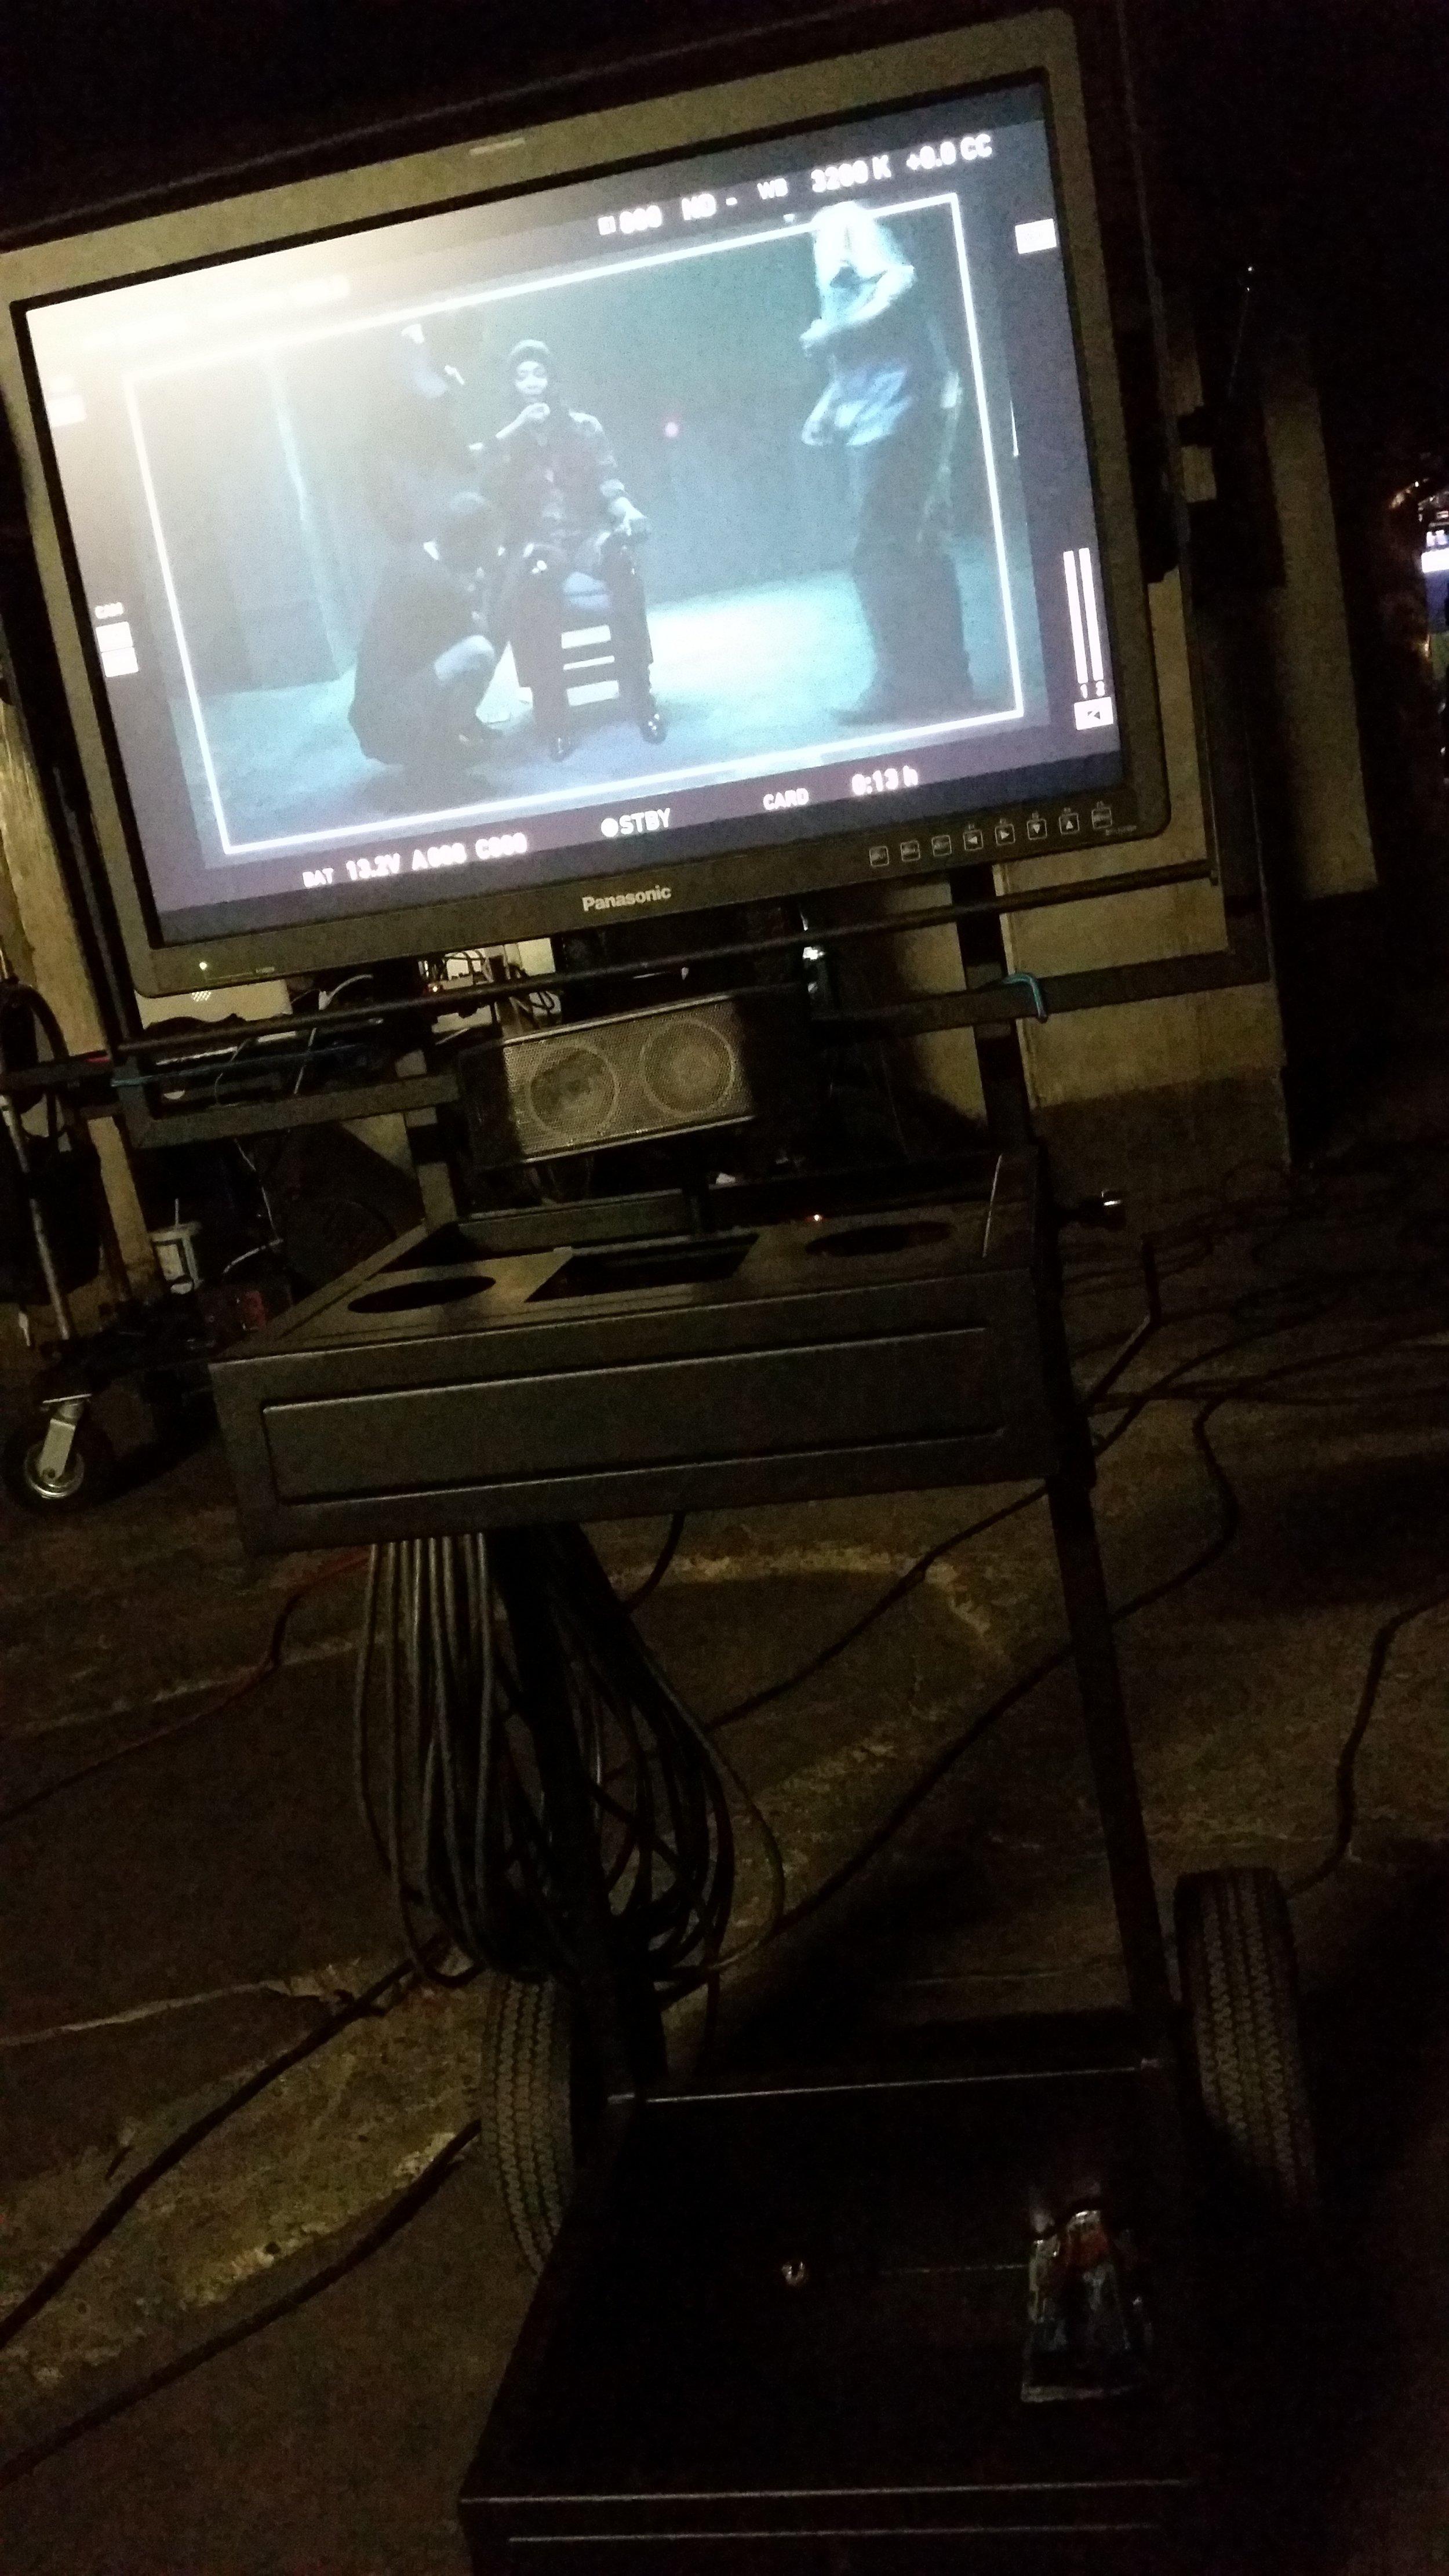 #bts on set